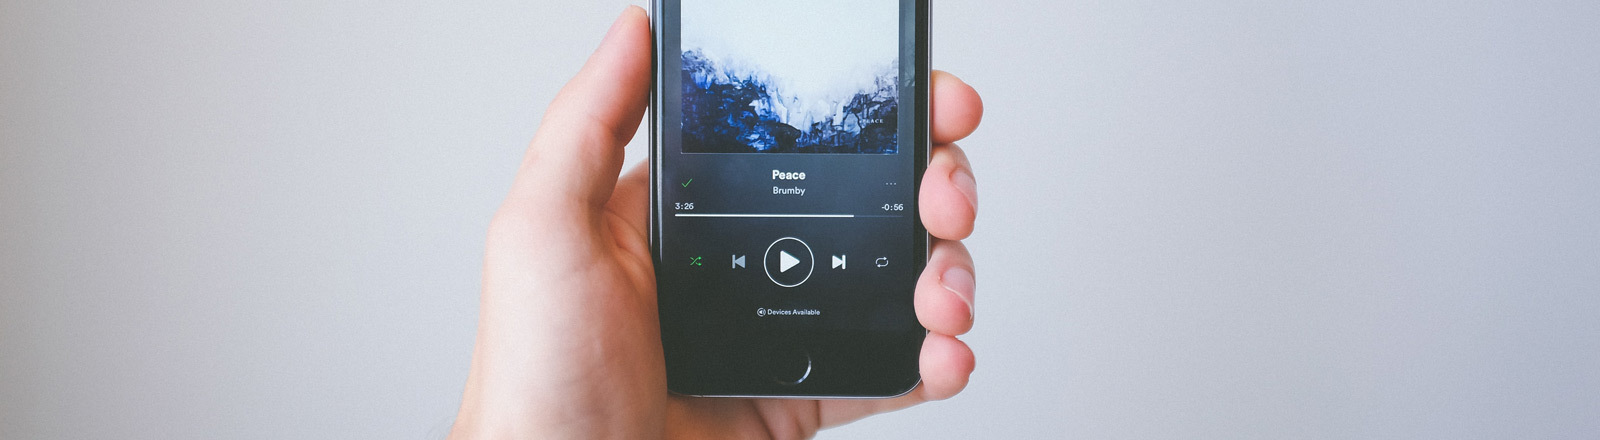 Eine Person streamt Musik über ein iPhone.